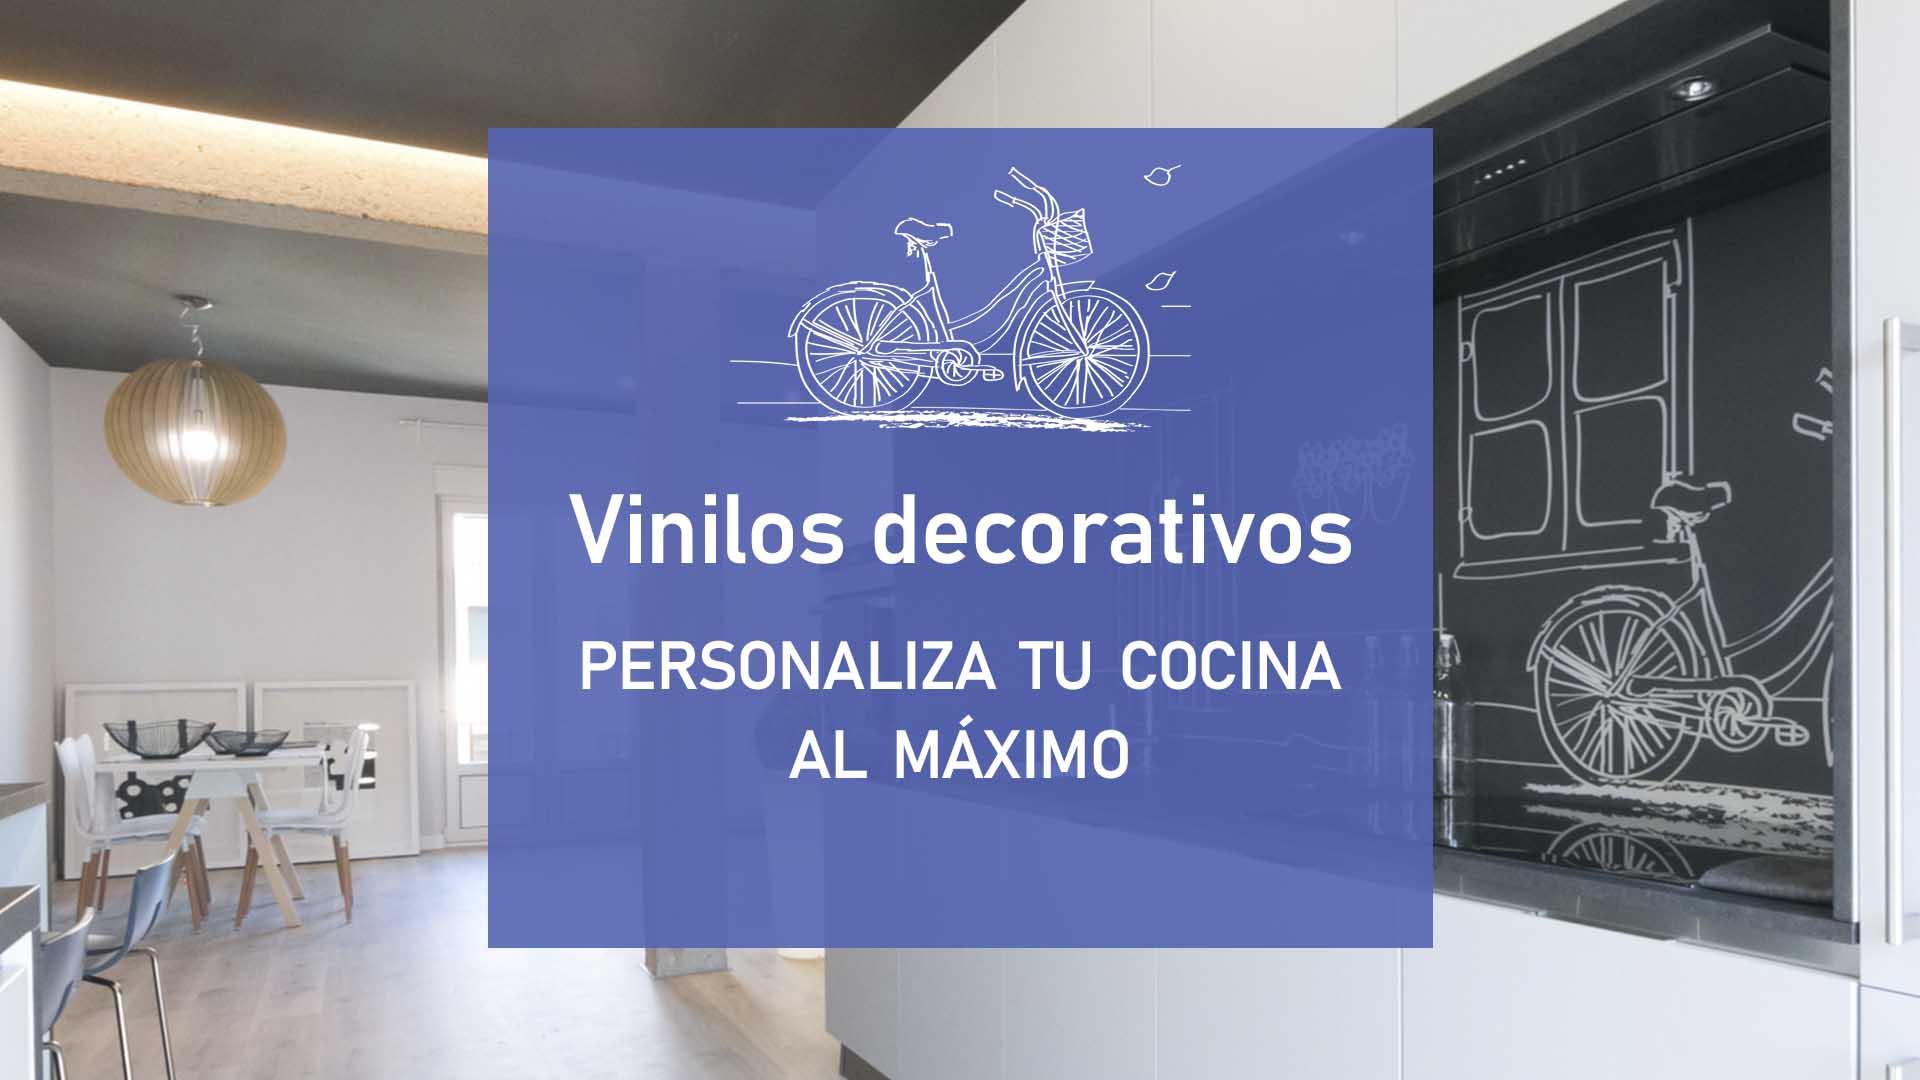 vinilos decorativos personalizados reforma pamplona